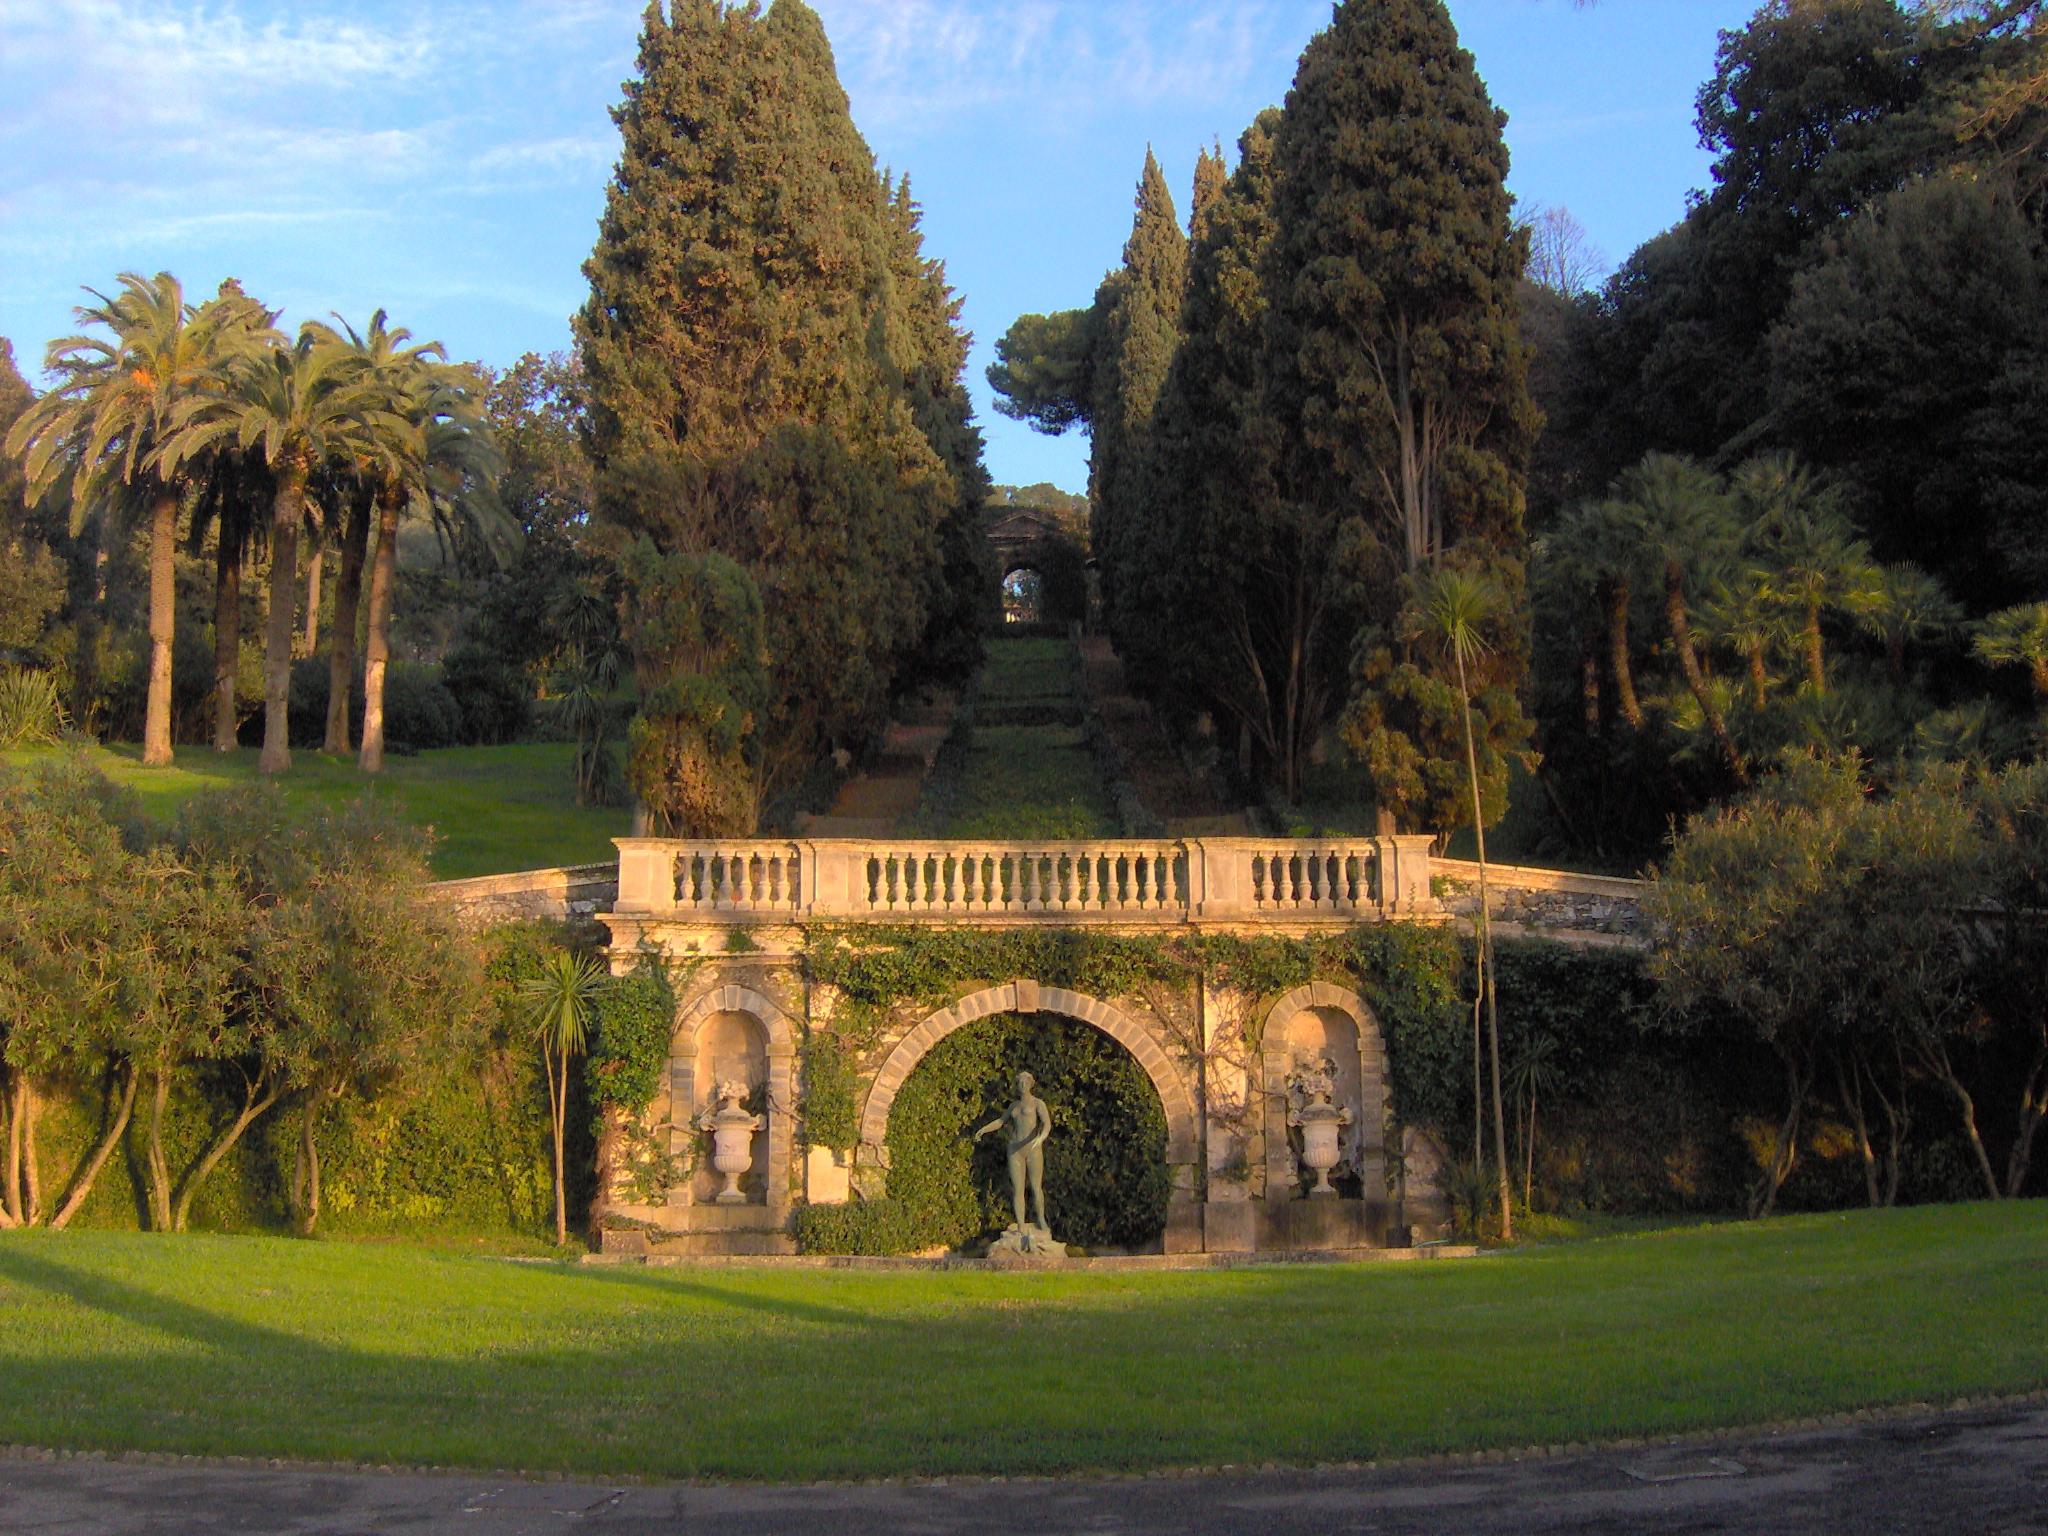 Villar Perosa Giardini Via Galileo Ferraris